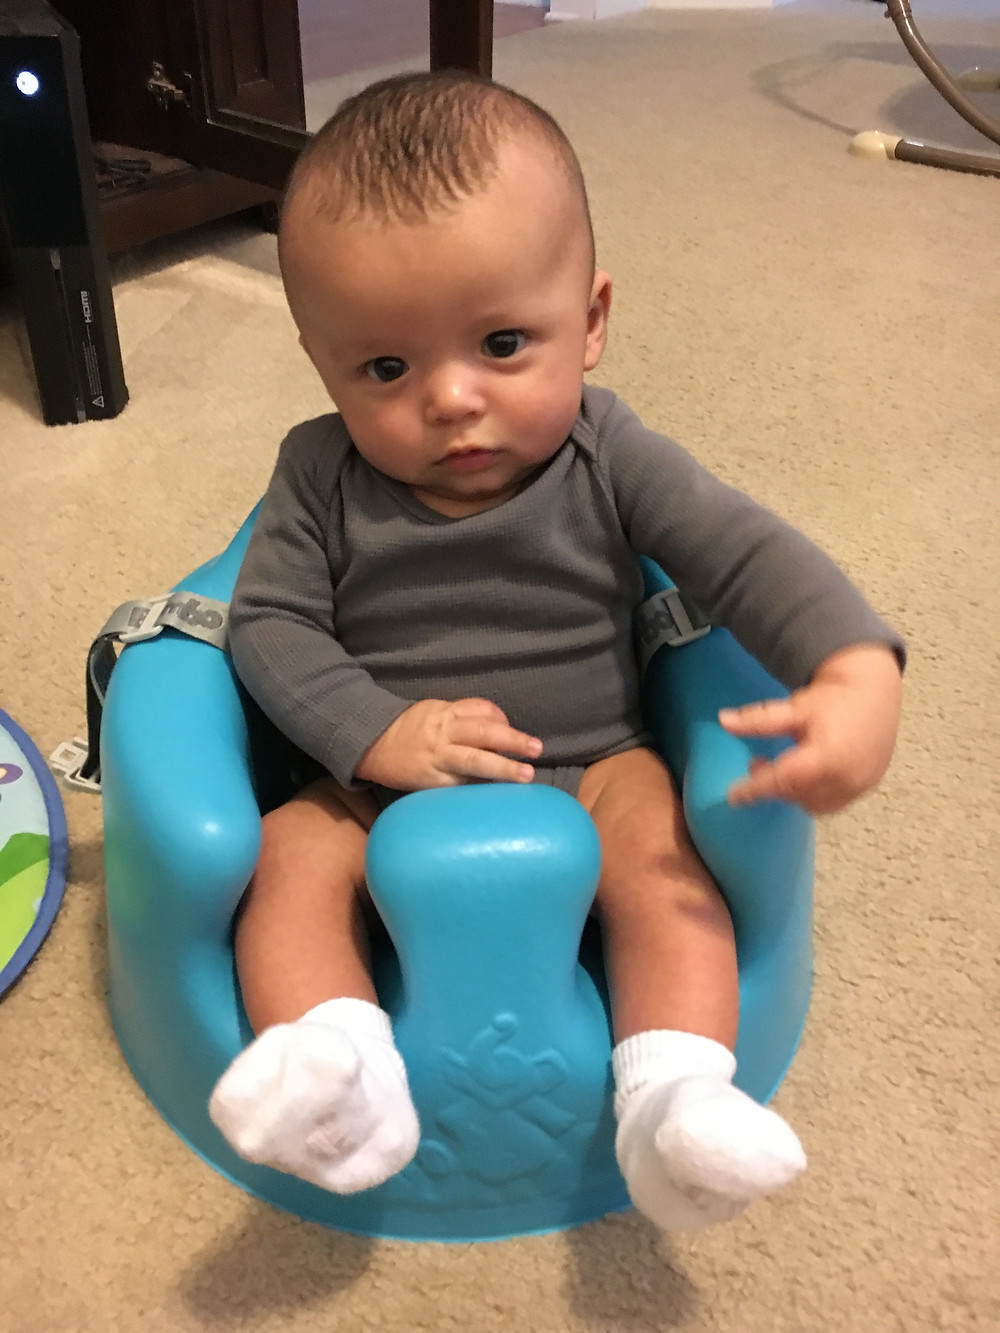 Sitting up like a big boy!